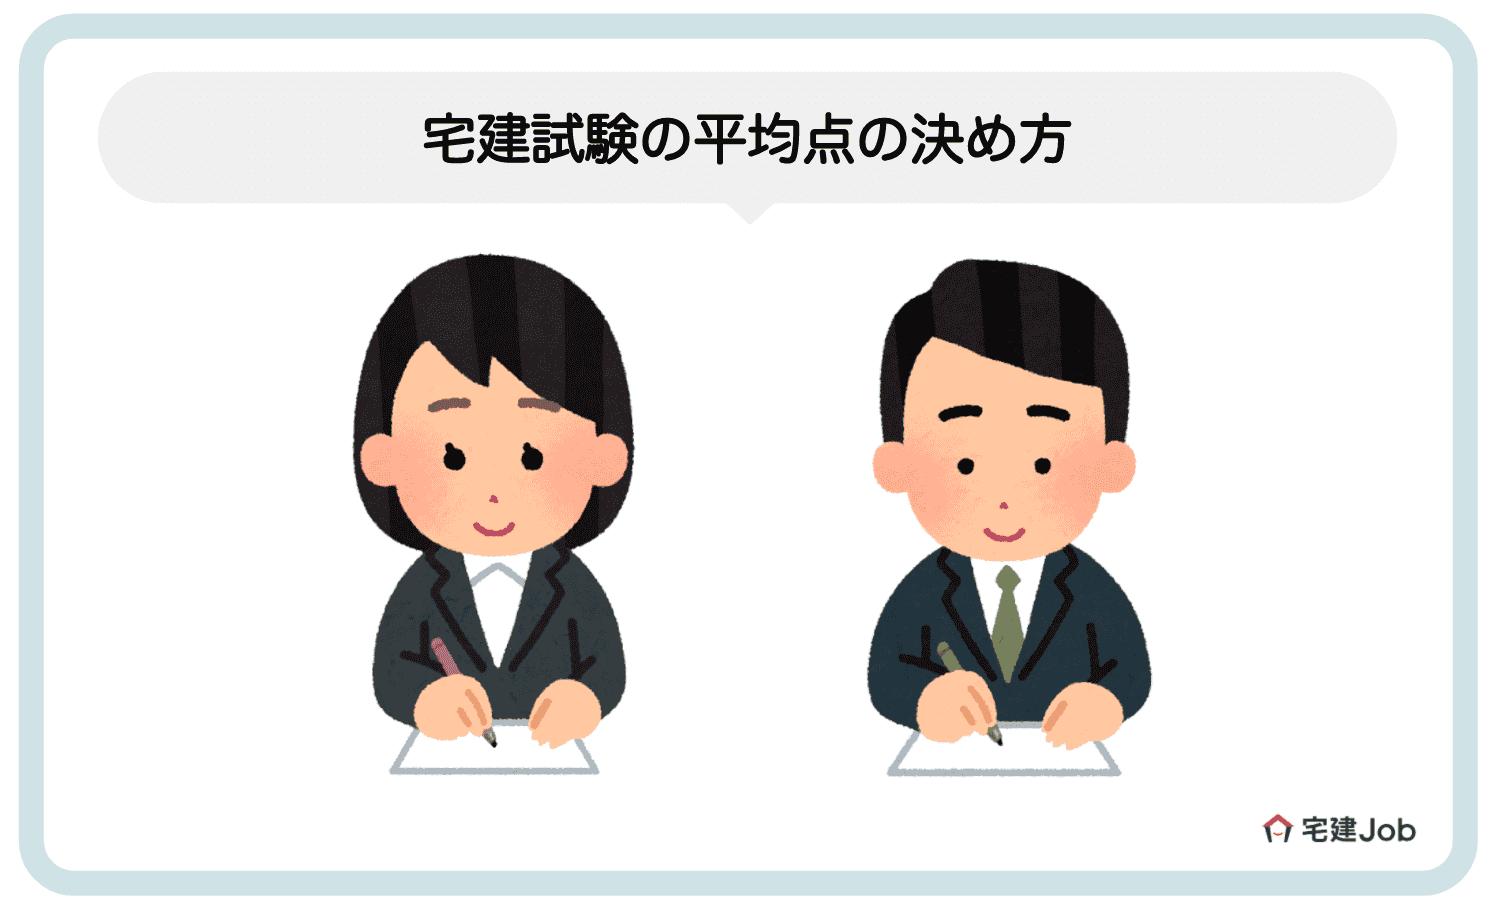 2.宅建試験の平均点・偏差値・合格率の違い【決め方】